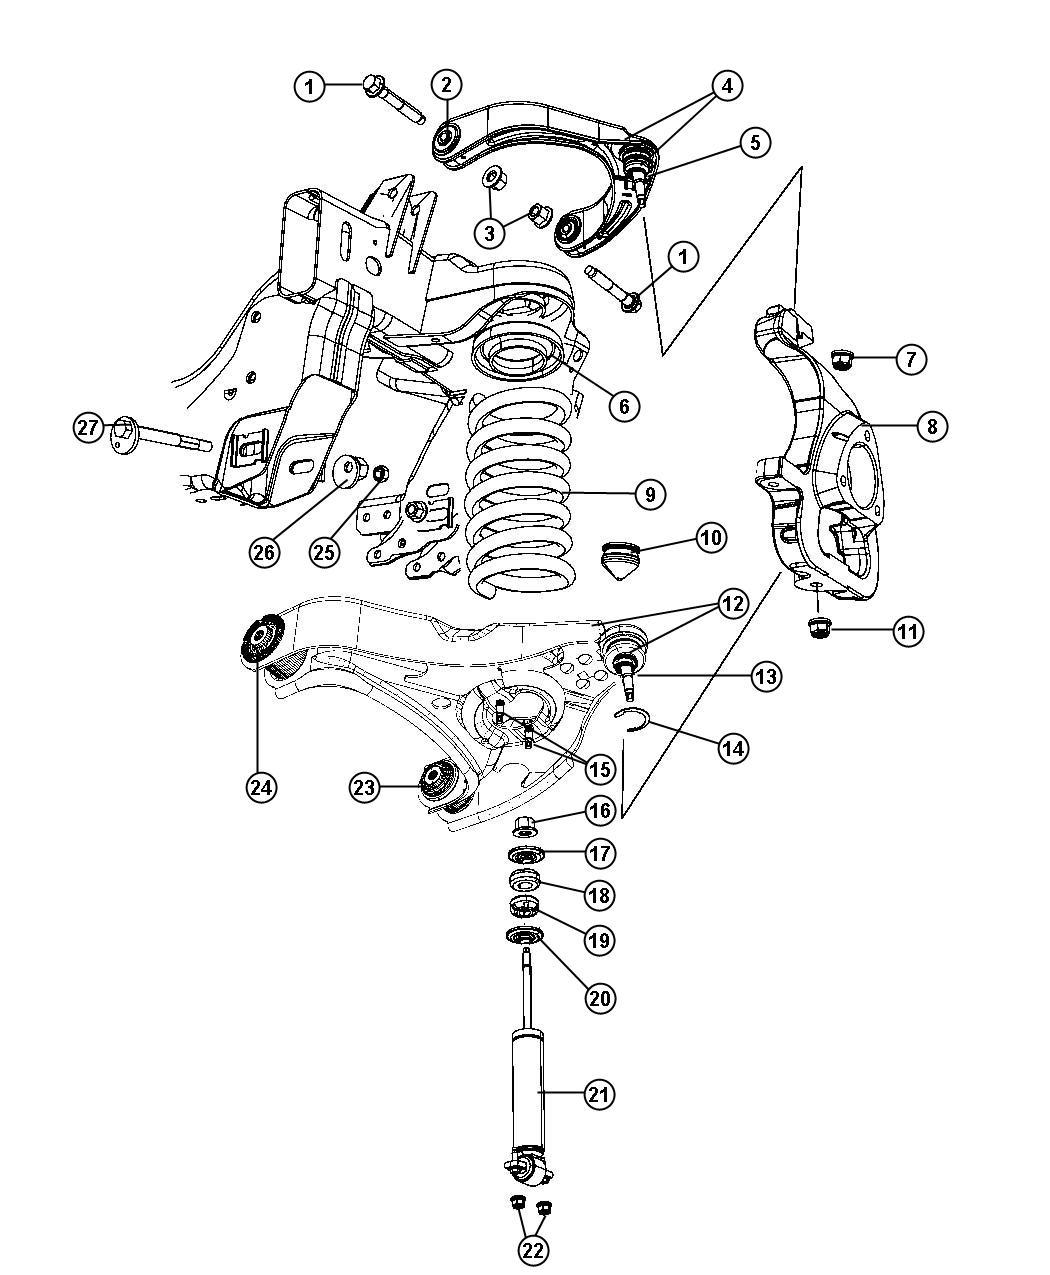 2012 dodge ram 1500 mopar parts